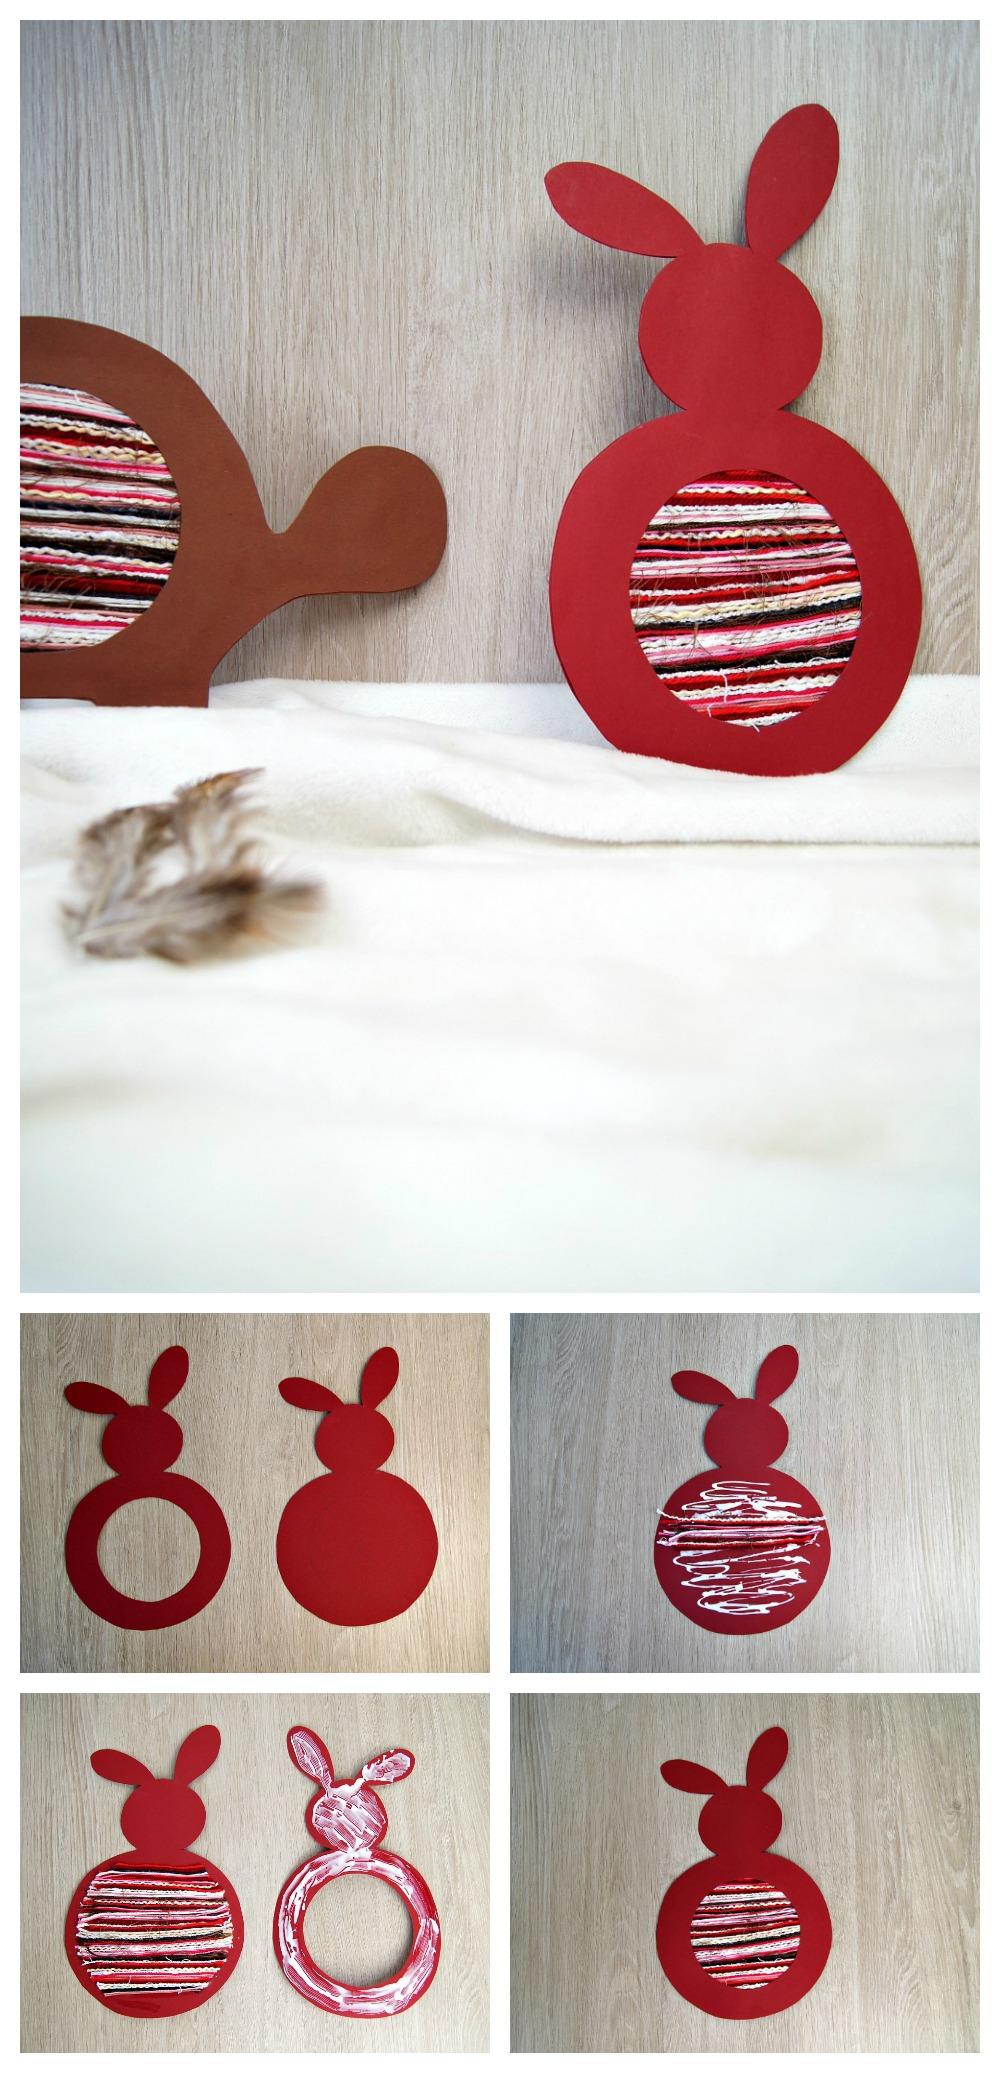 osterhase als fadenbild eine schneide bung f r kinder. Black Bedroom Furniture Sets. Home Design Ideas